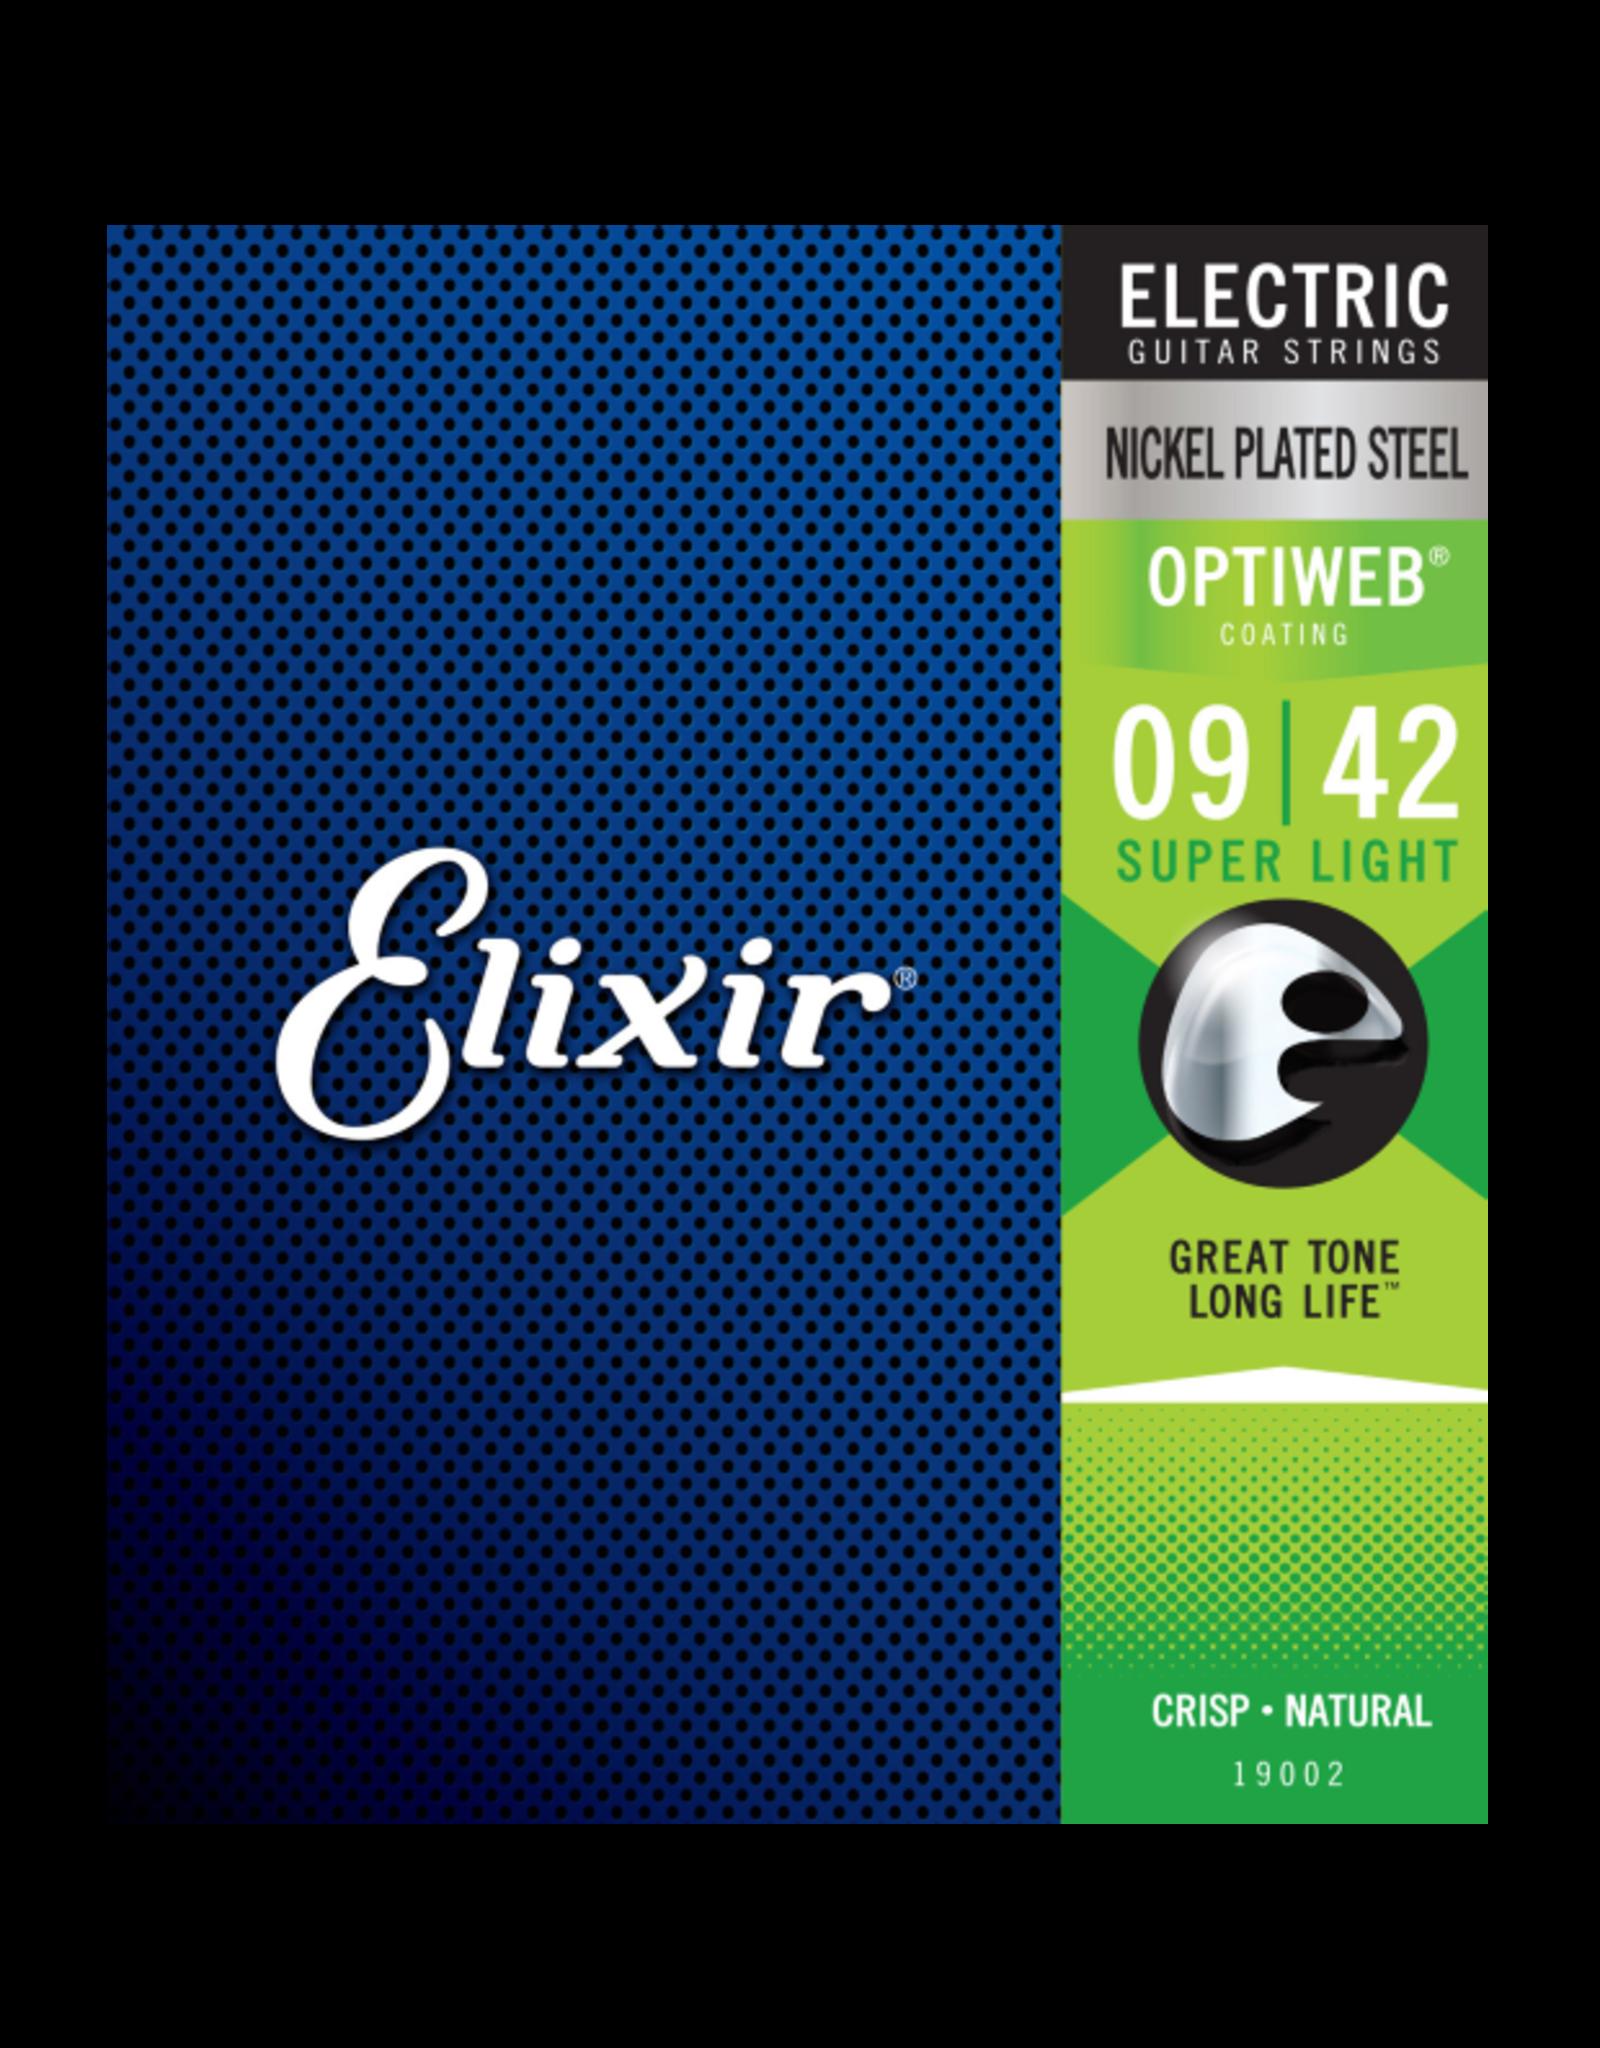 Elixir Elixir 19002 Electric Nickel Plated Steel w/Optiweb Coating 9-42